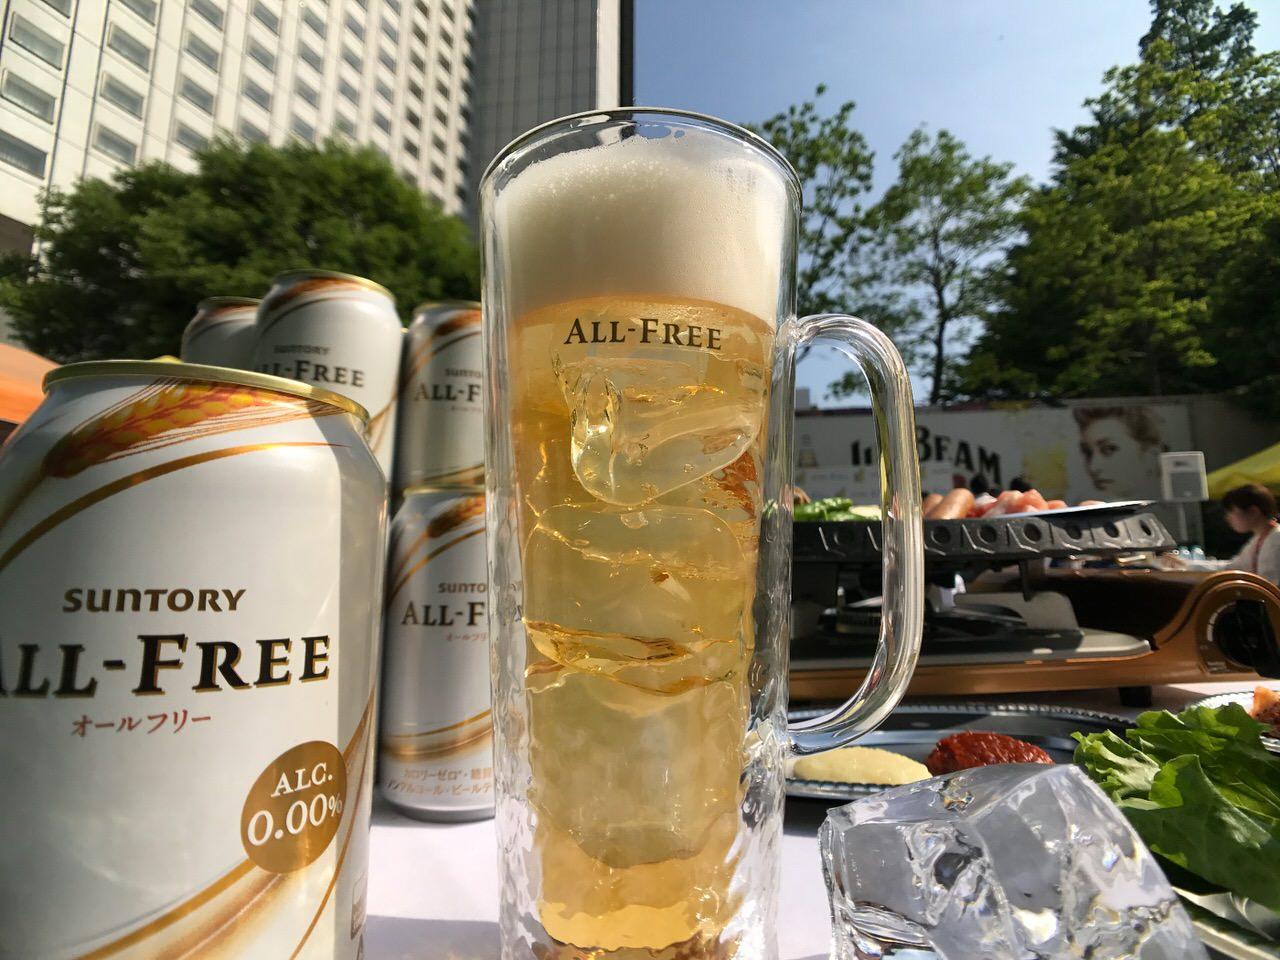 サントリー「オールフリー」夏に最適な飲み方を教えて貰った!それは氷イン!